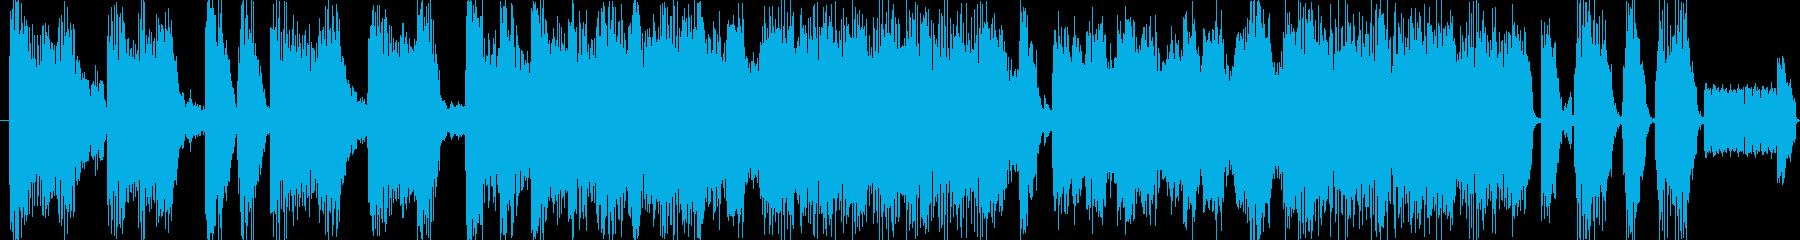 15秒ロック楽曲勢いすごい。の再生済みの波形